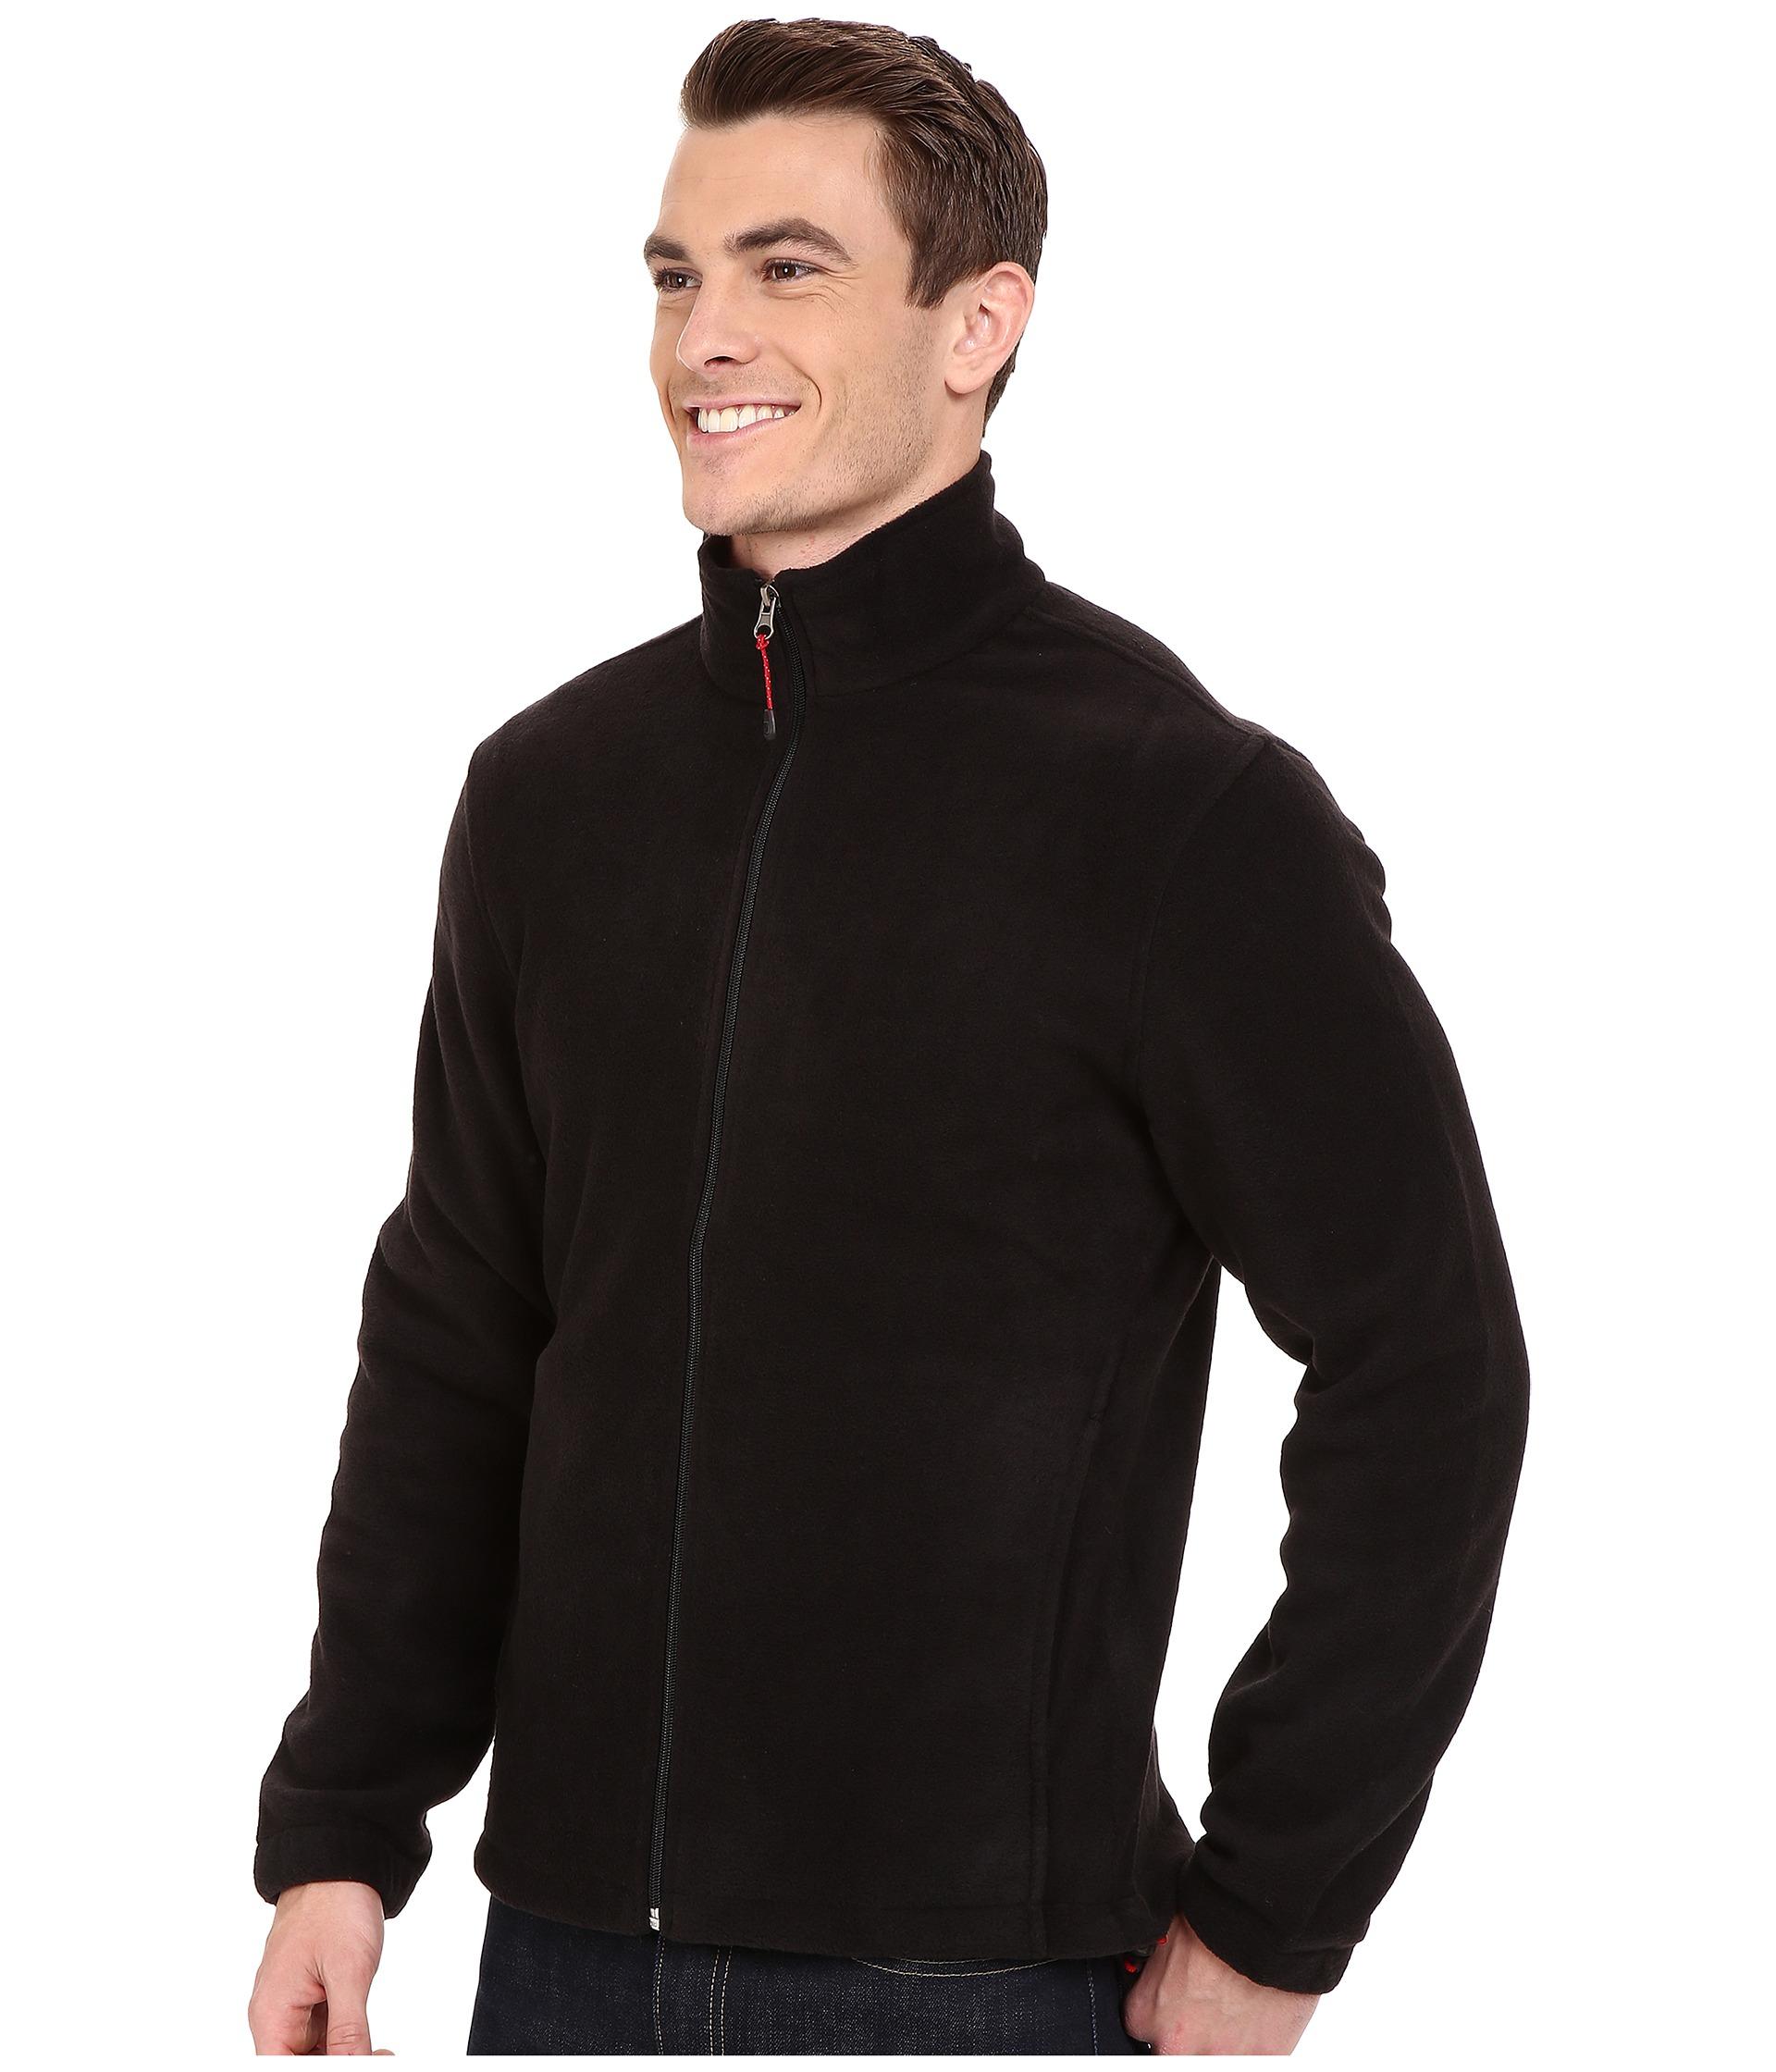 Woolrich Men's Fleece Jacket